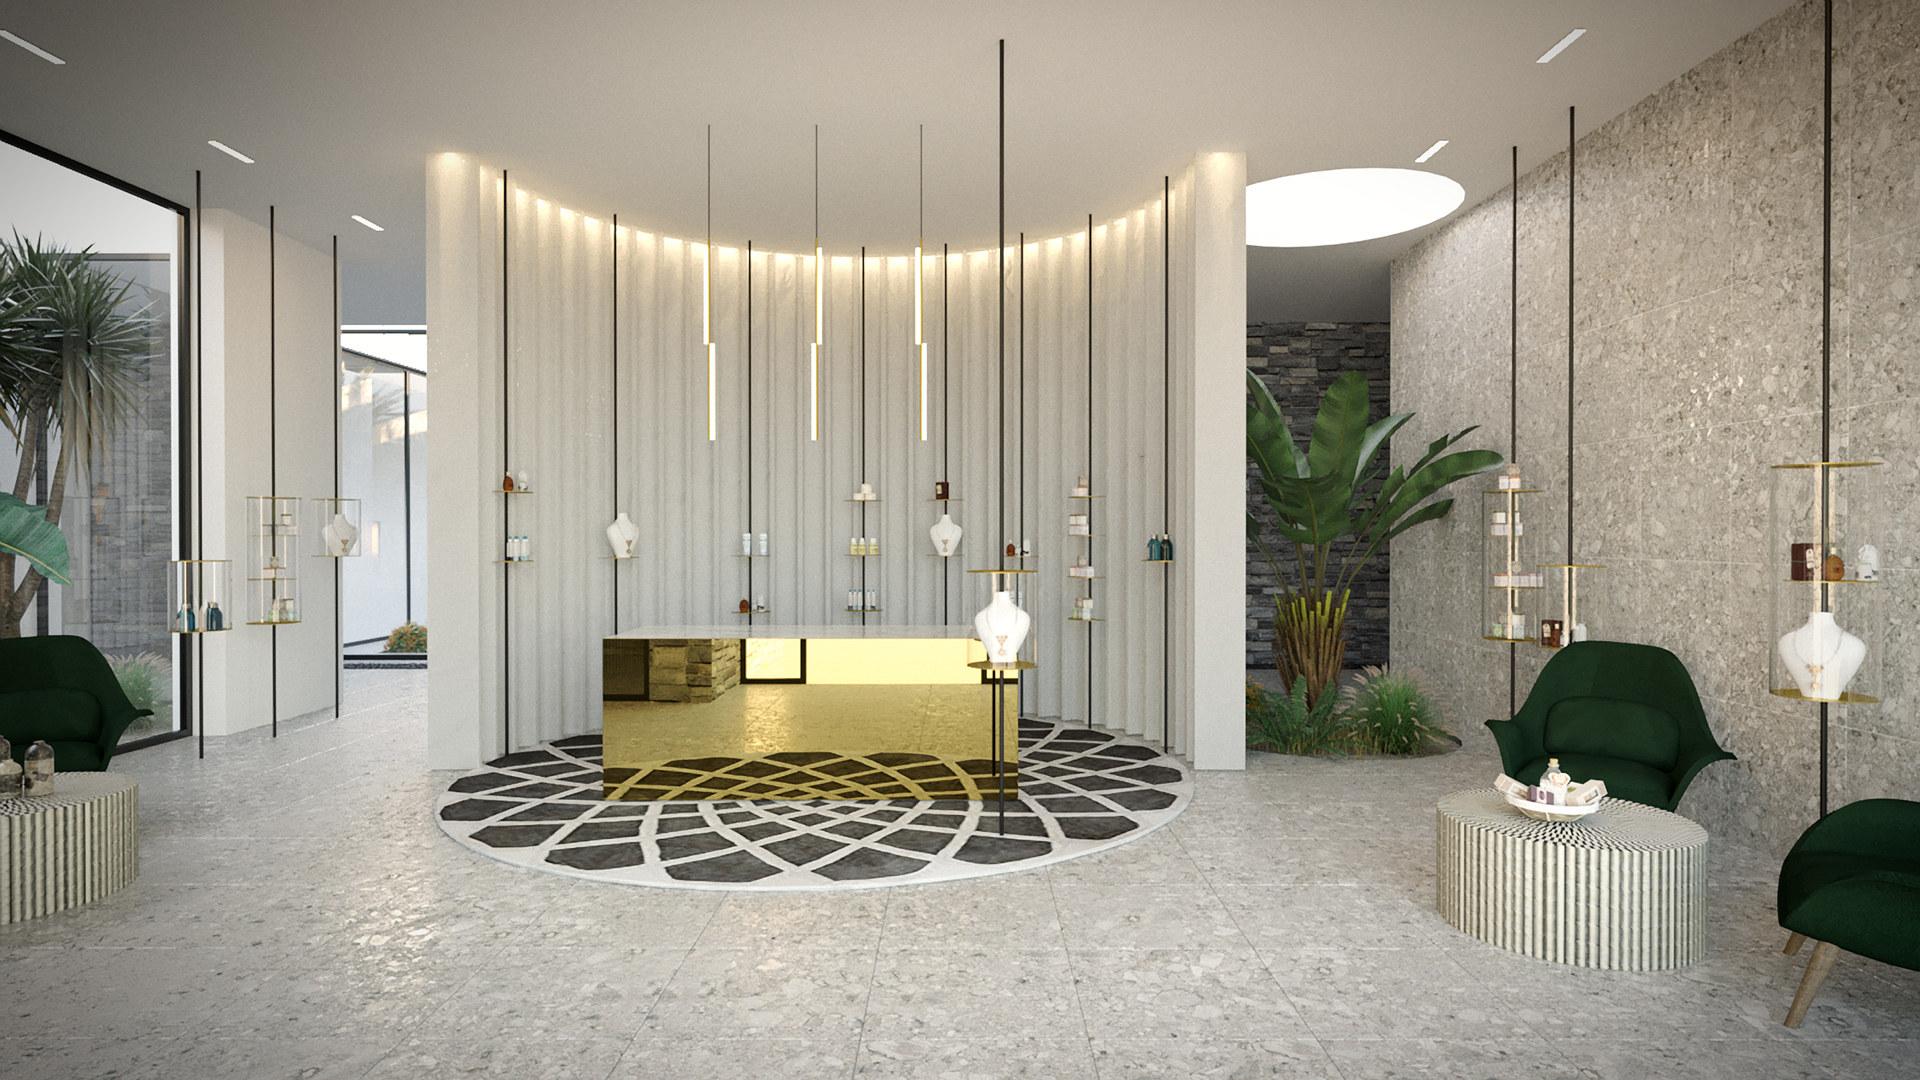 Σχεδιασμός εσωτερικού χώρου Spa Center στην Κω